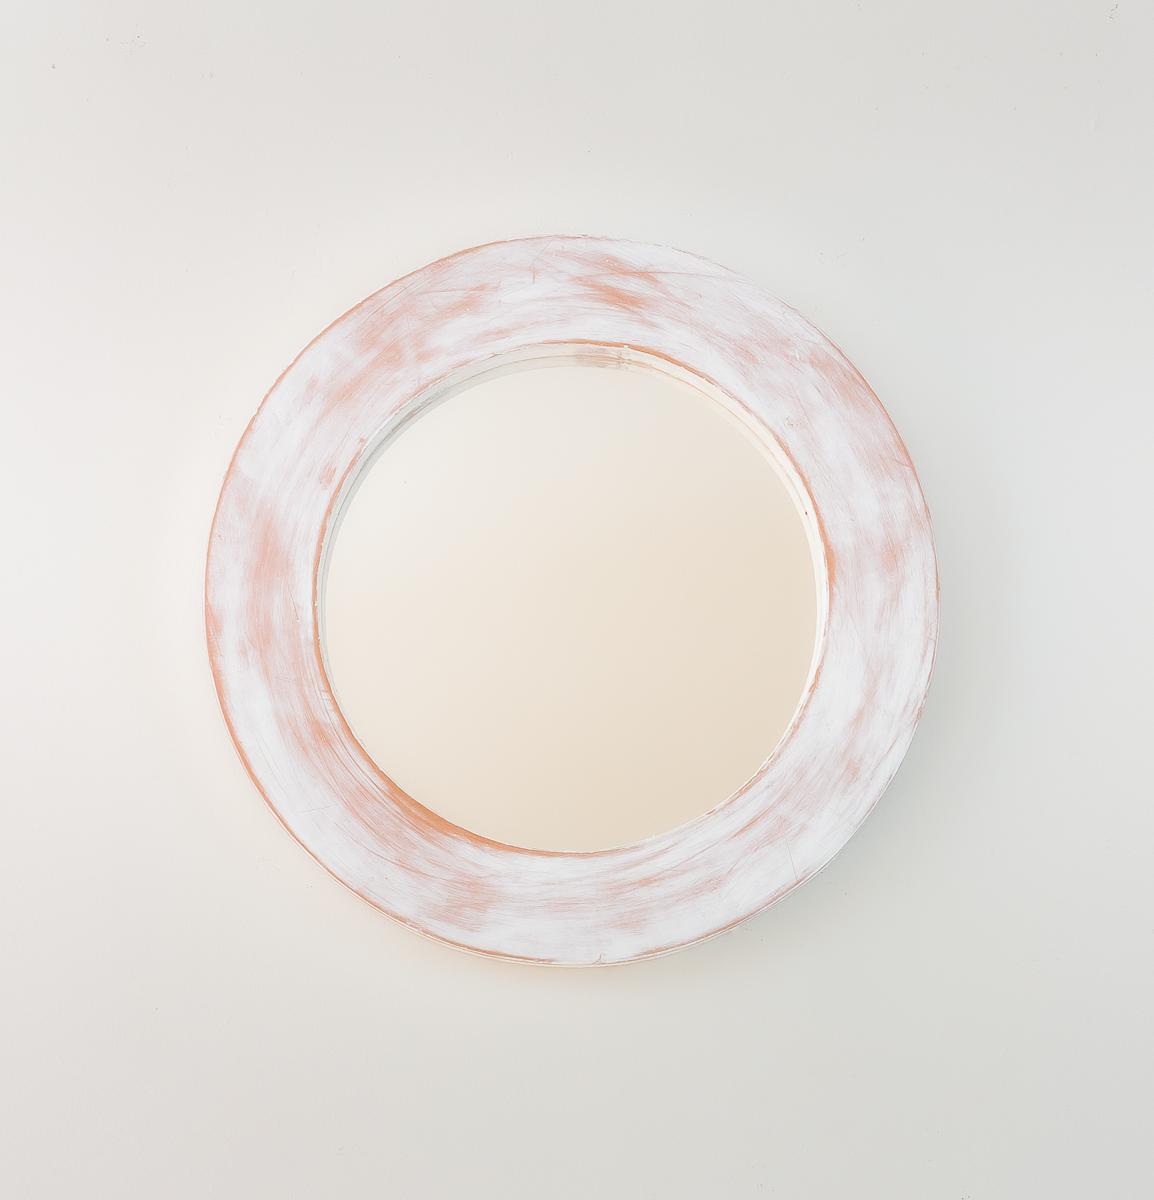 Espejos decorativos round polos set 3 60 30 44 blanco for Espejos decorativos blancos